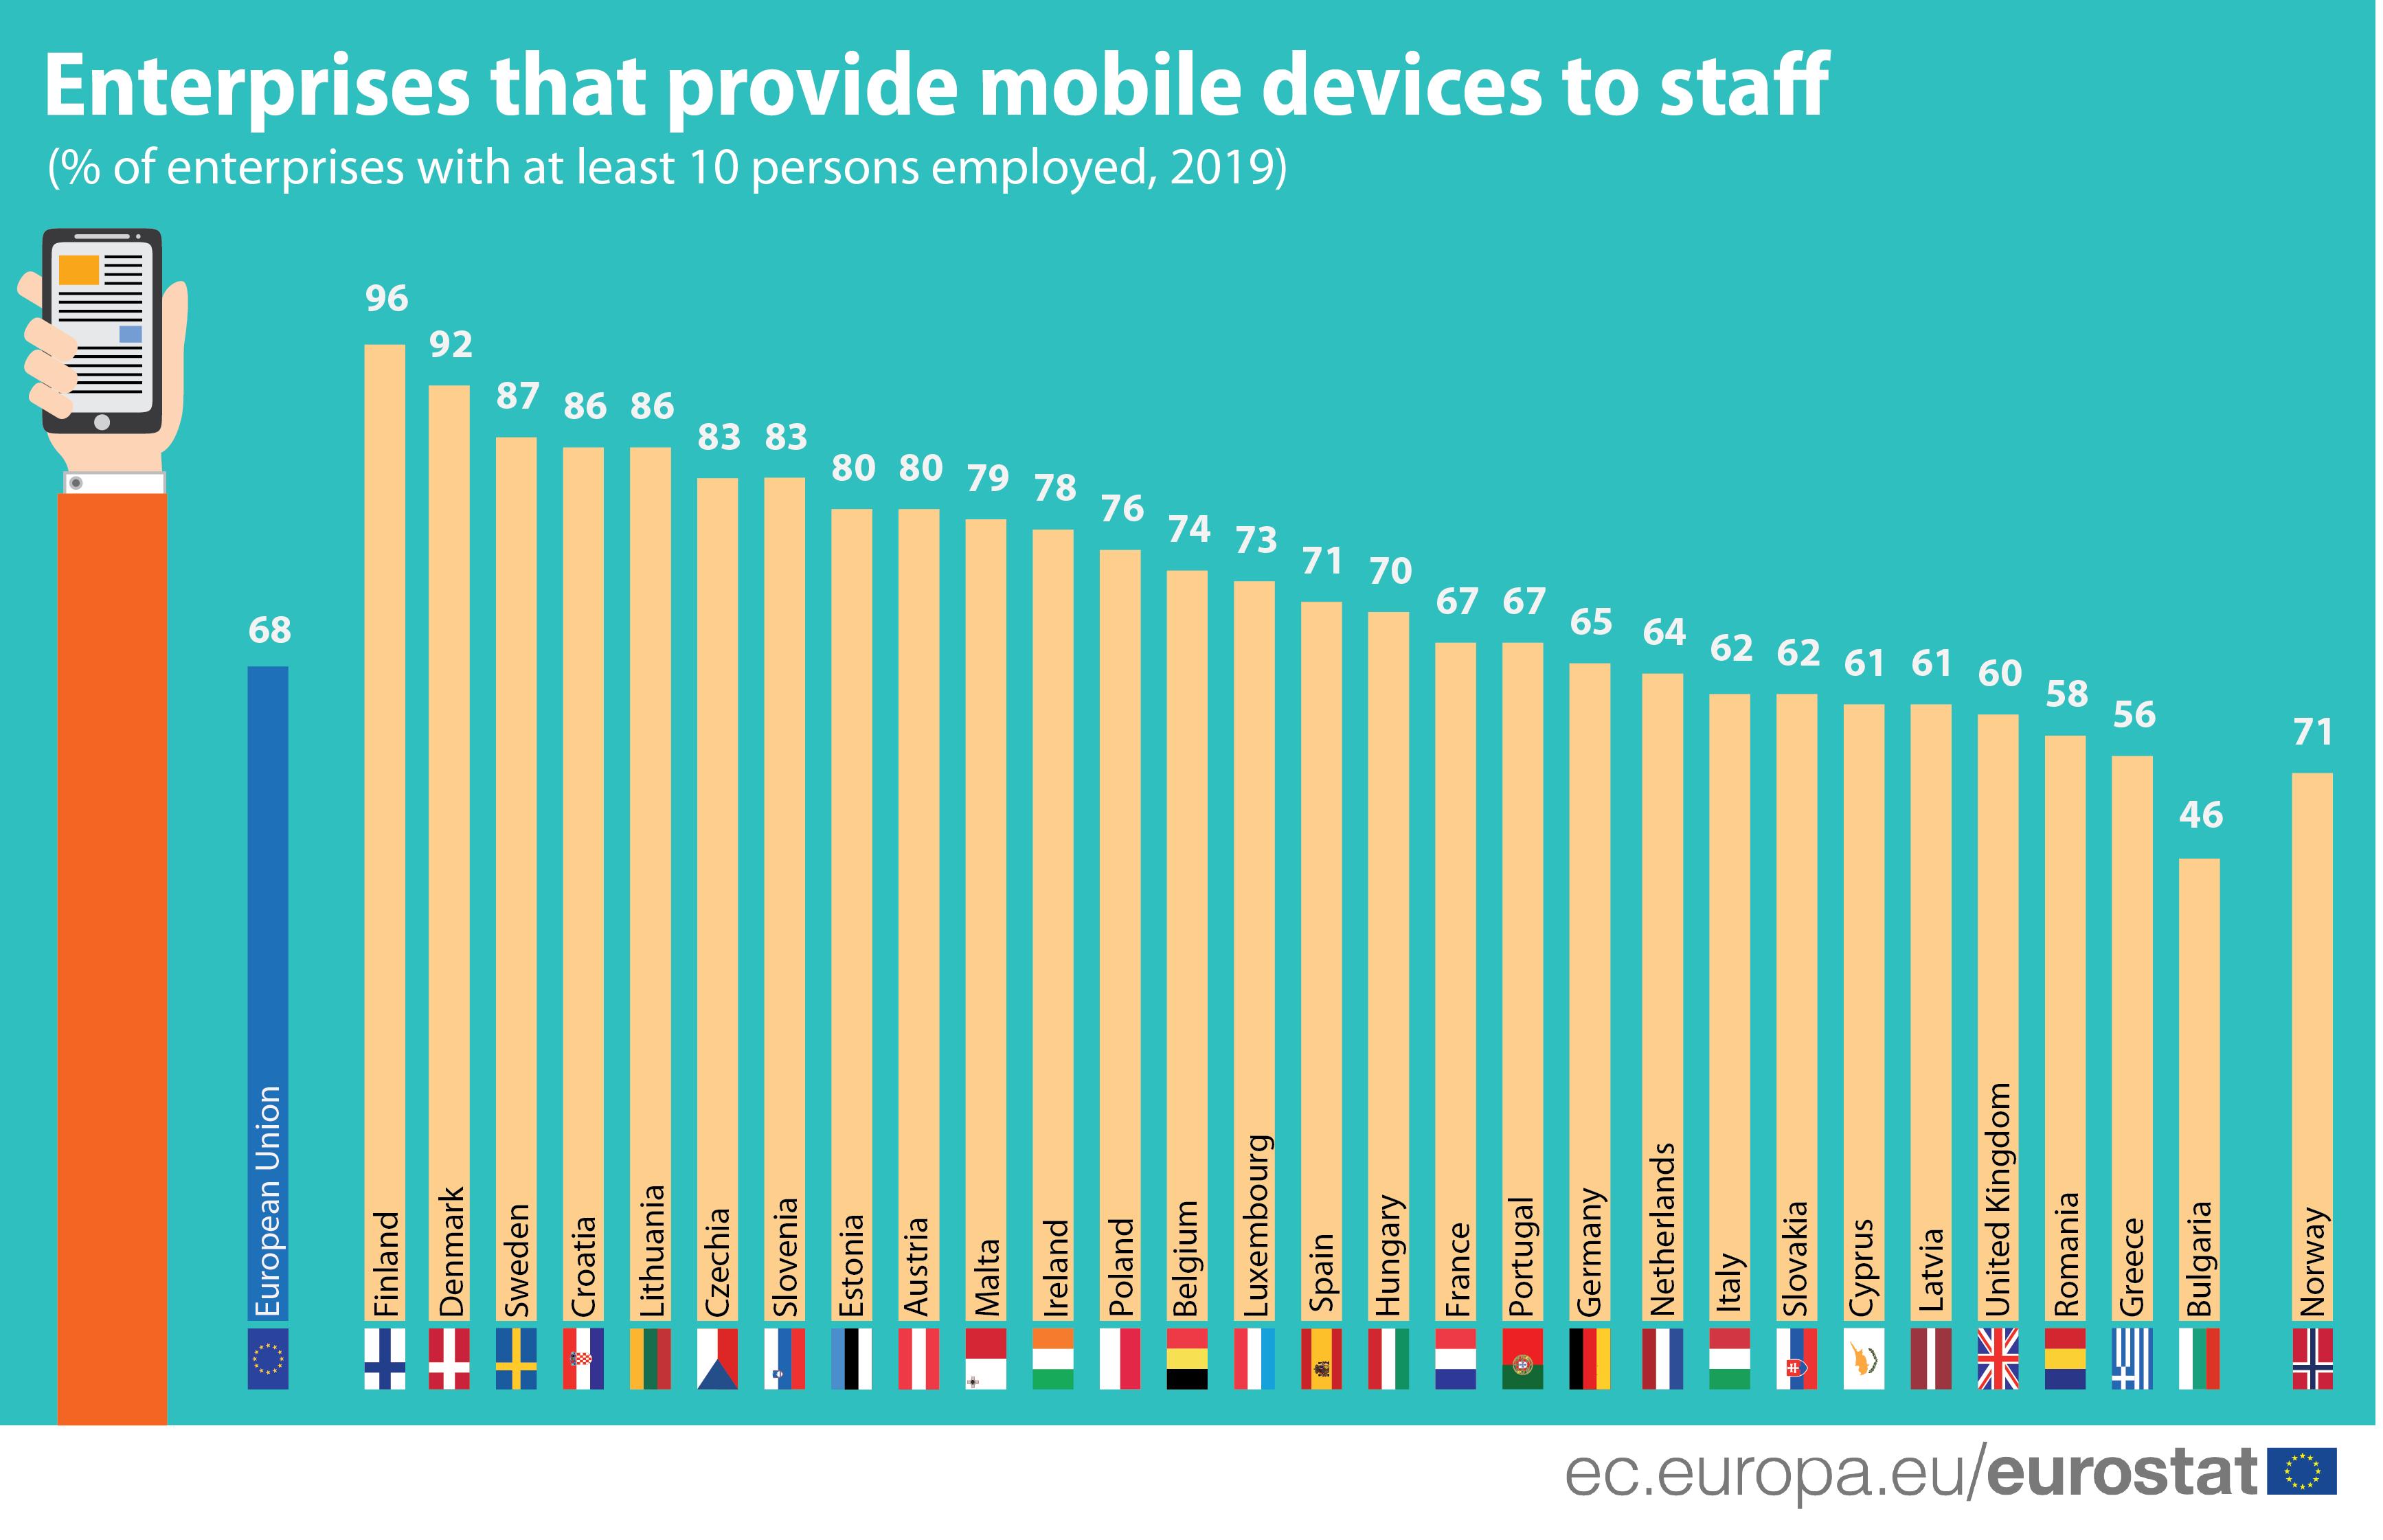 Companiile din România sunt pe ultimele locuri în UE la furnizarea de dispozitive mobile pentru angajaţi